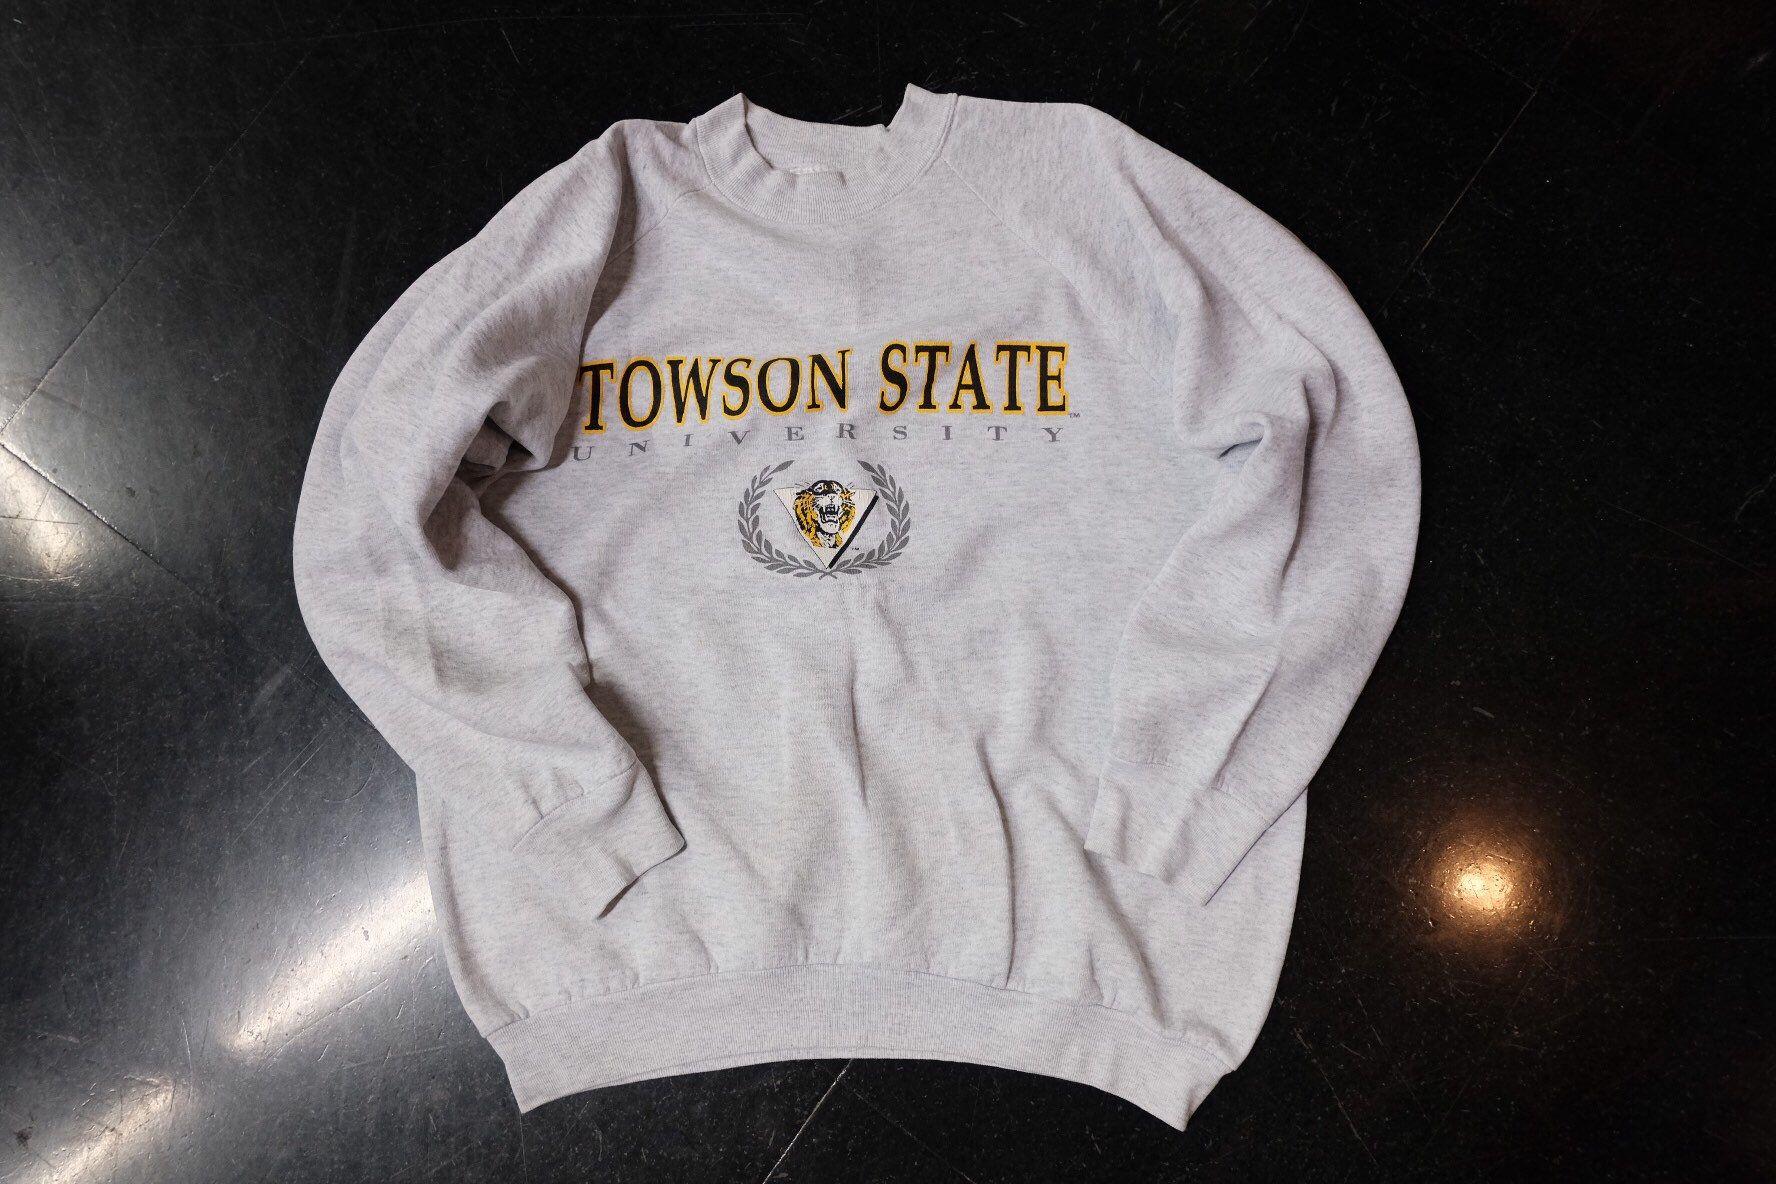 Towson State University Sweatshirt Size Xl Etsy University Sweatshirts Sweatshirts Towson [ 1184 x 1776 Pixel ]